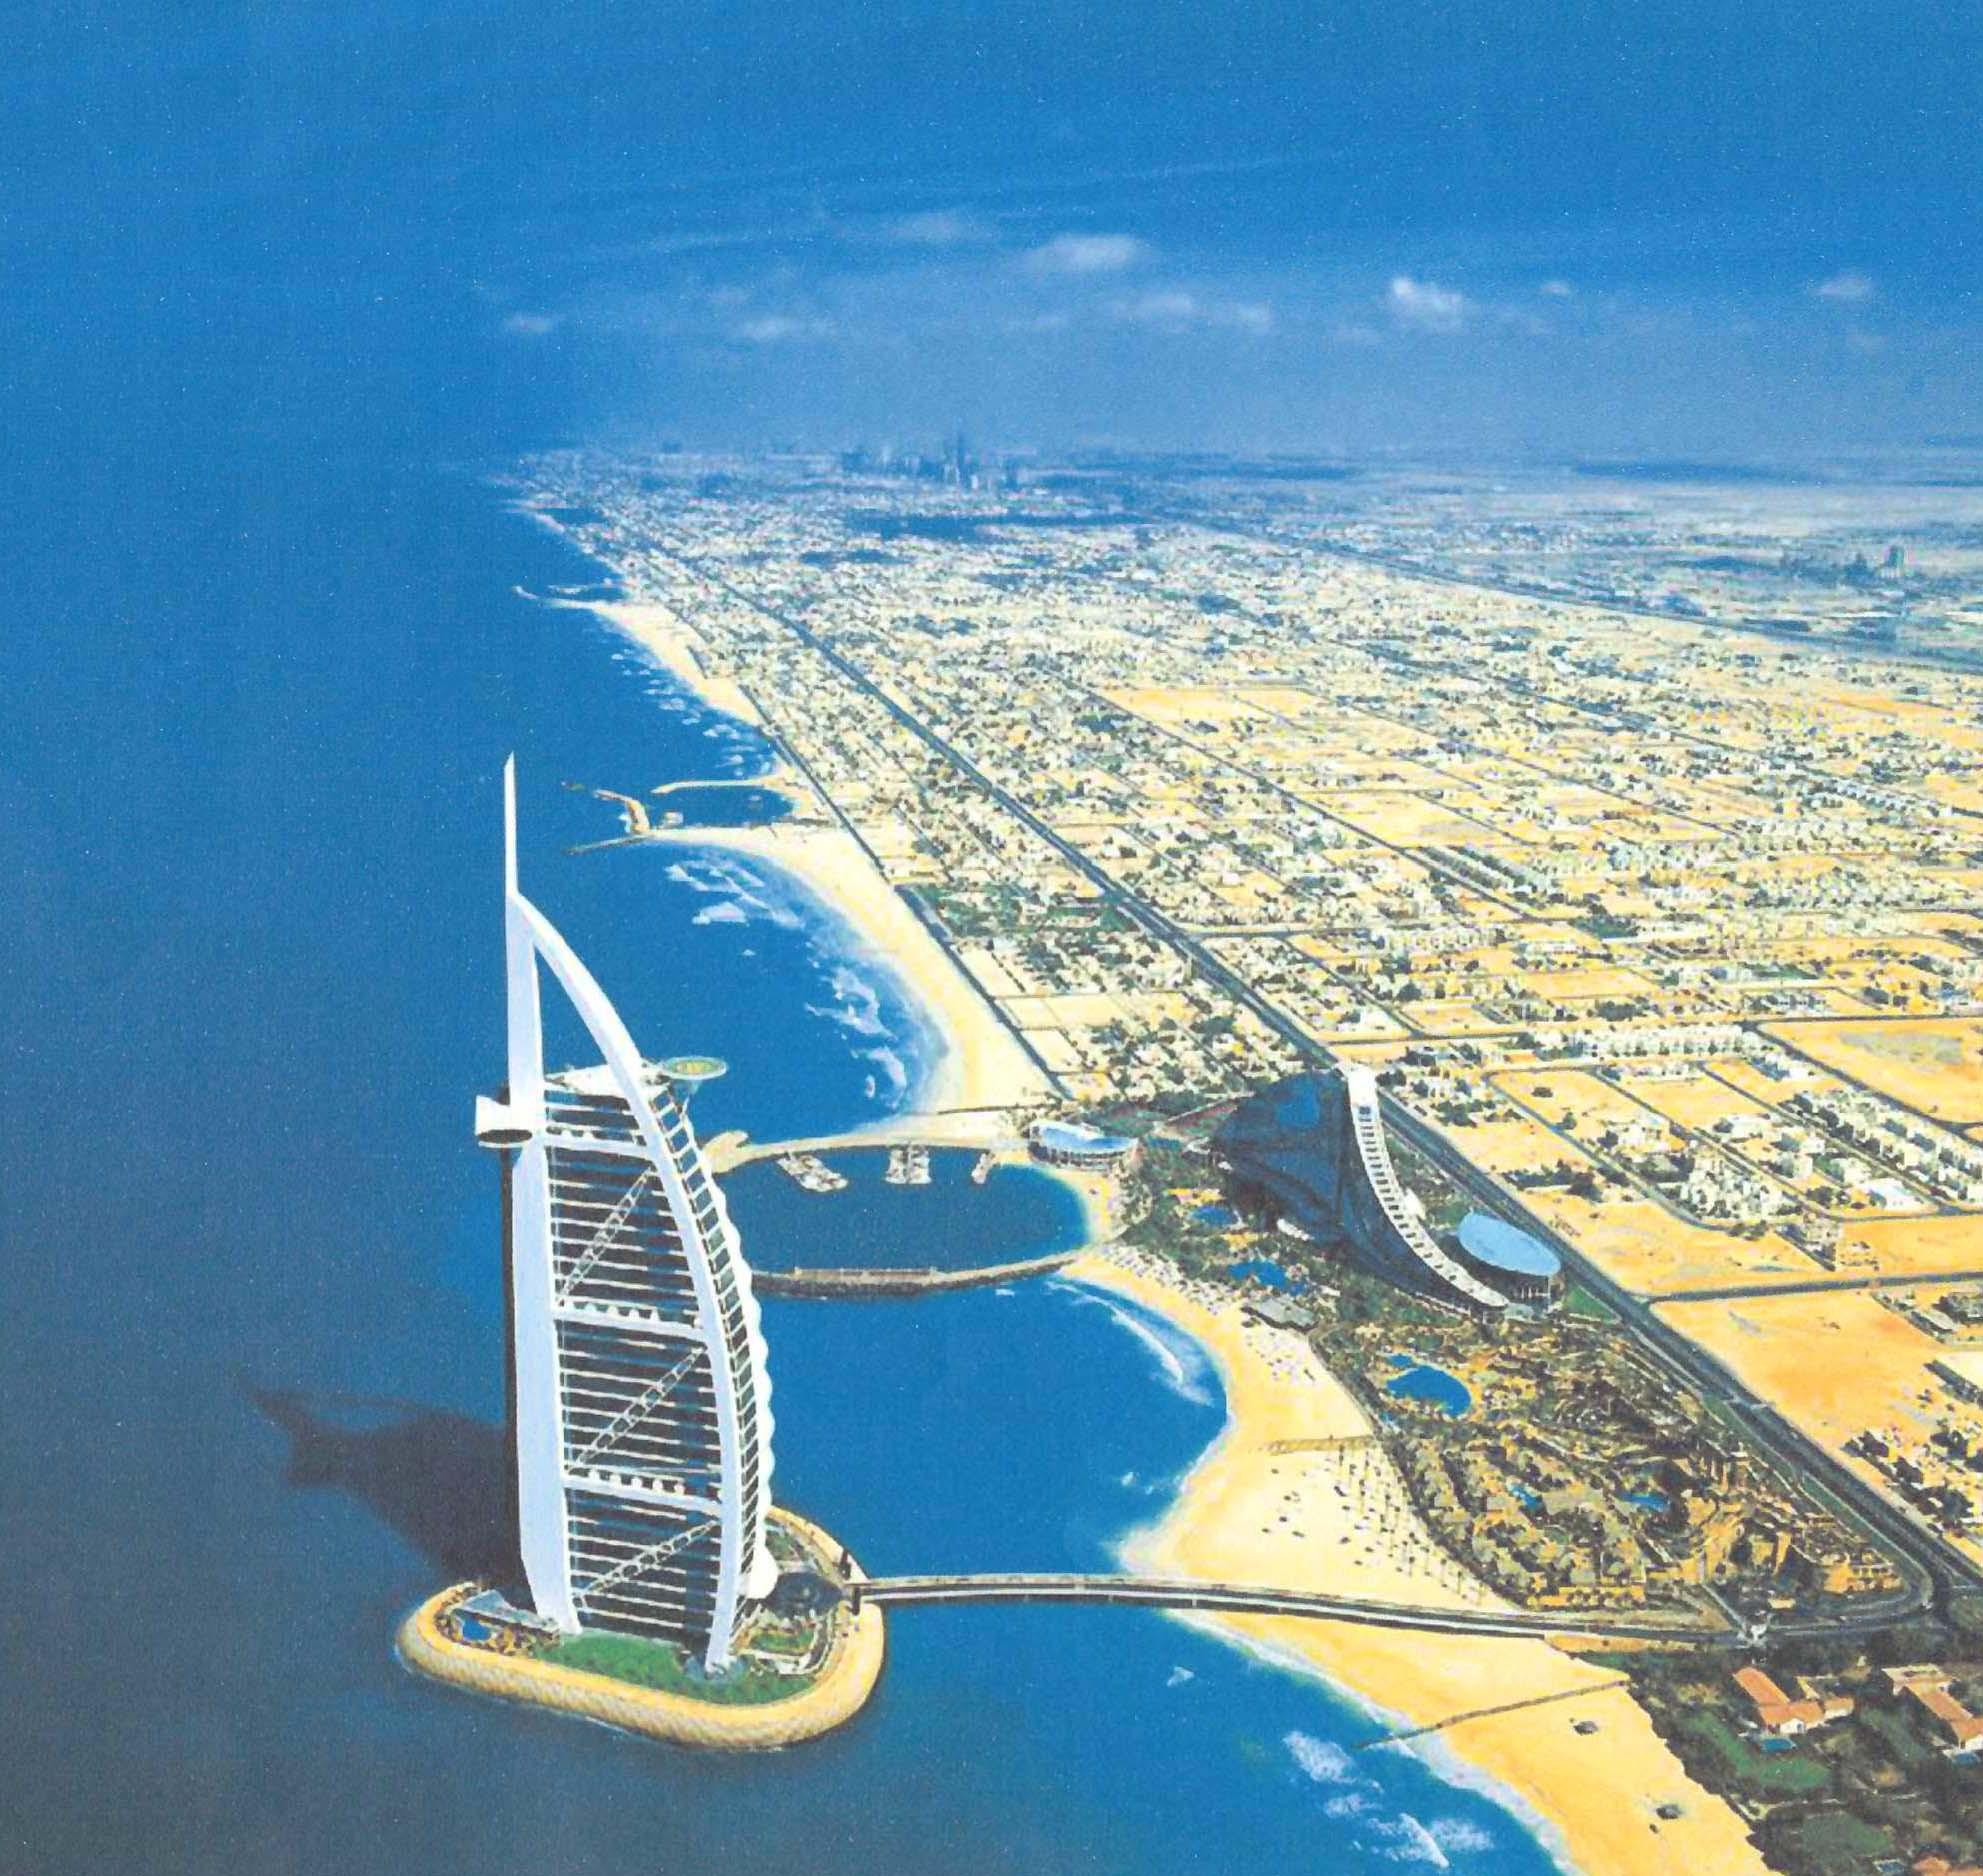 KTS Tom Wright và công trình Burj Al Arab - Từ sơ phác đến tác phẩm kiến trúc